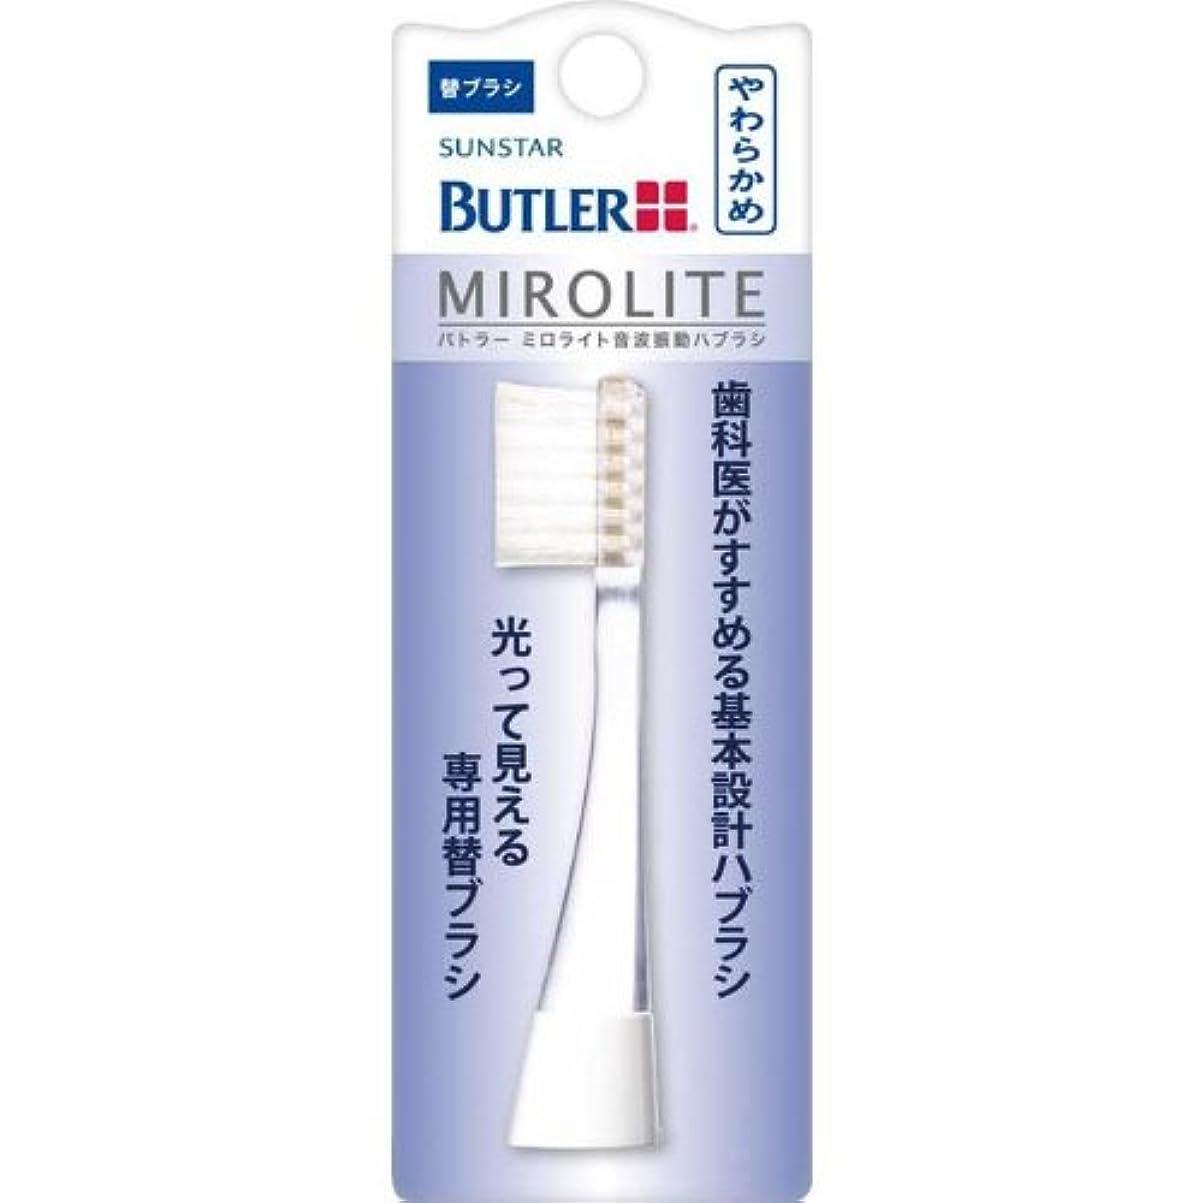 有益なポンプ待ってBUTLER(バトラー) ミロライト 音波振動ハブラシ 替ブラシ やわらかめ TB-01S